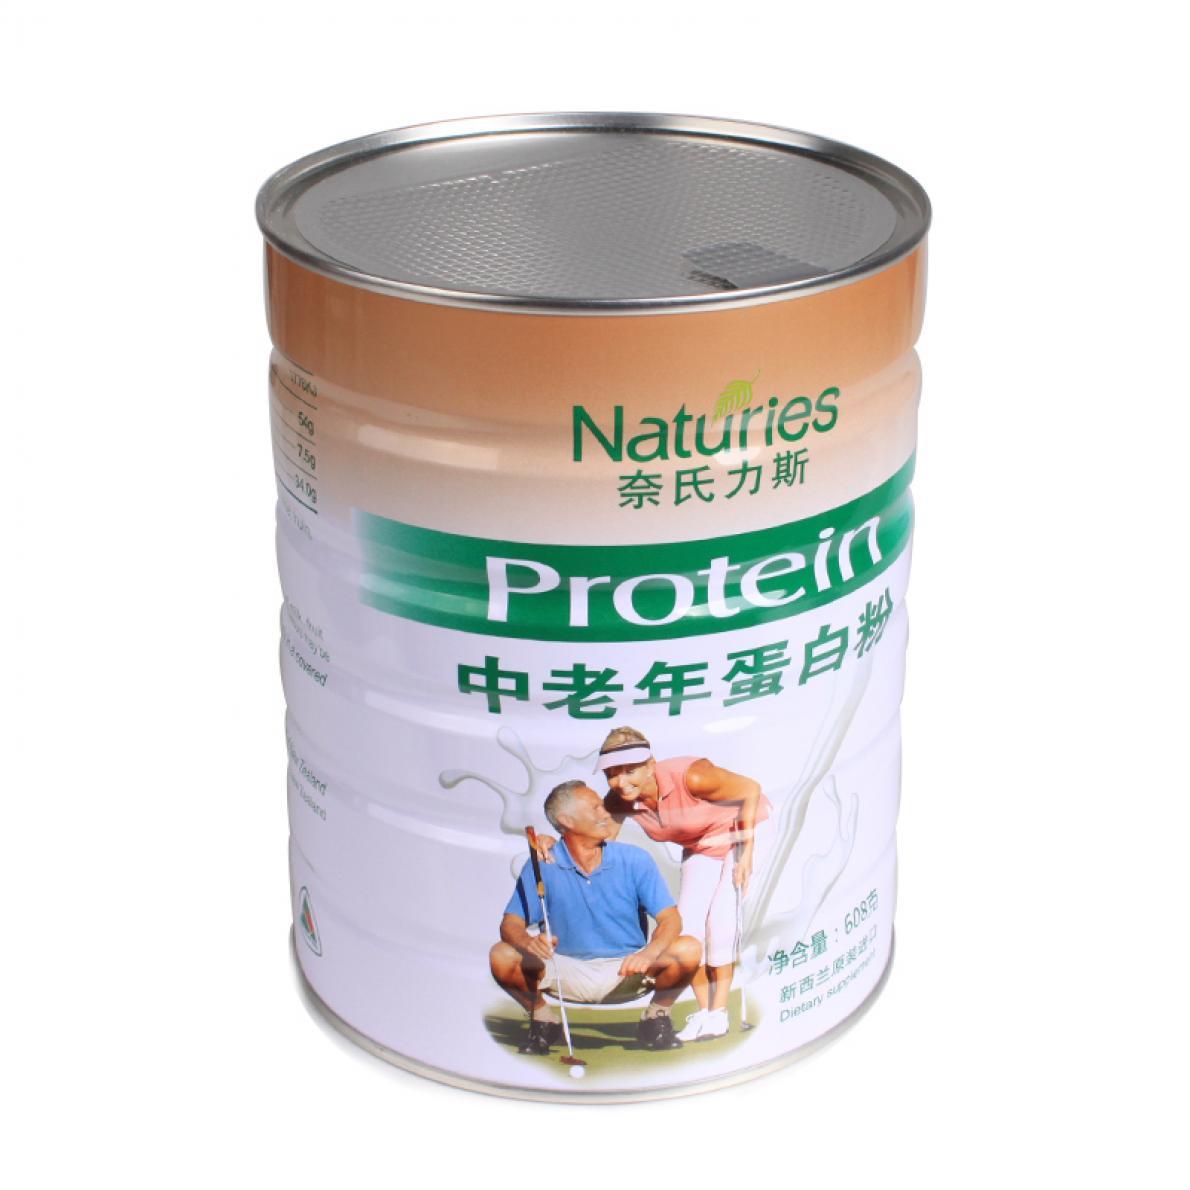 奈氏力斯 中老年蛋白粉 新西兰 608g/罐